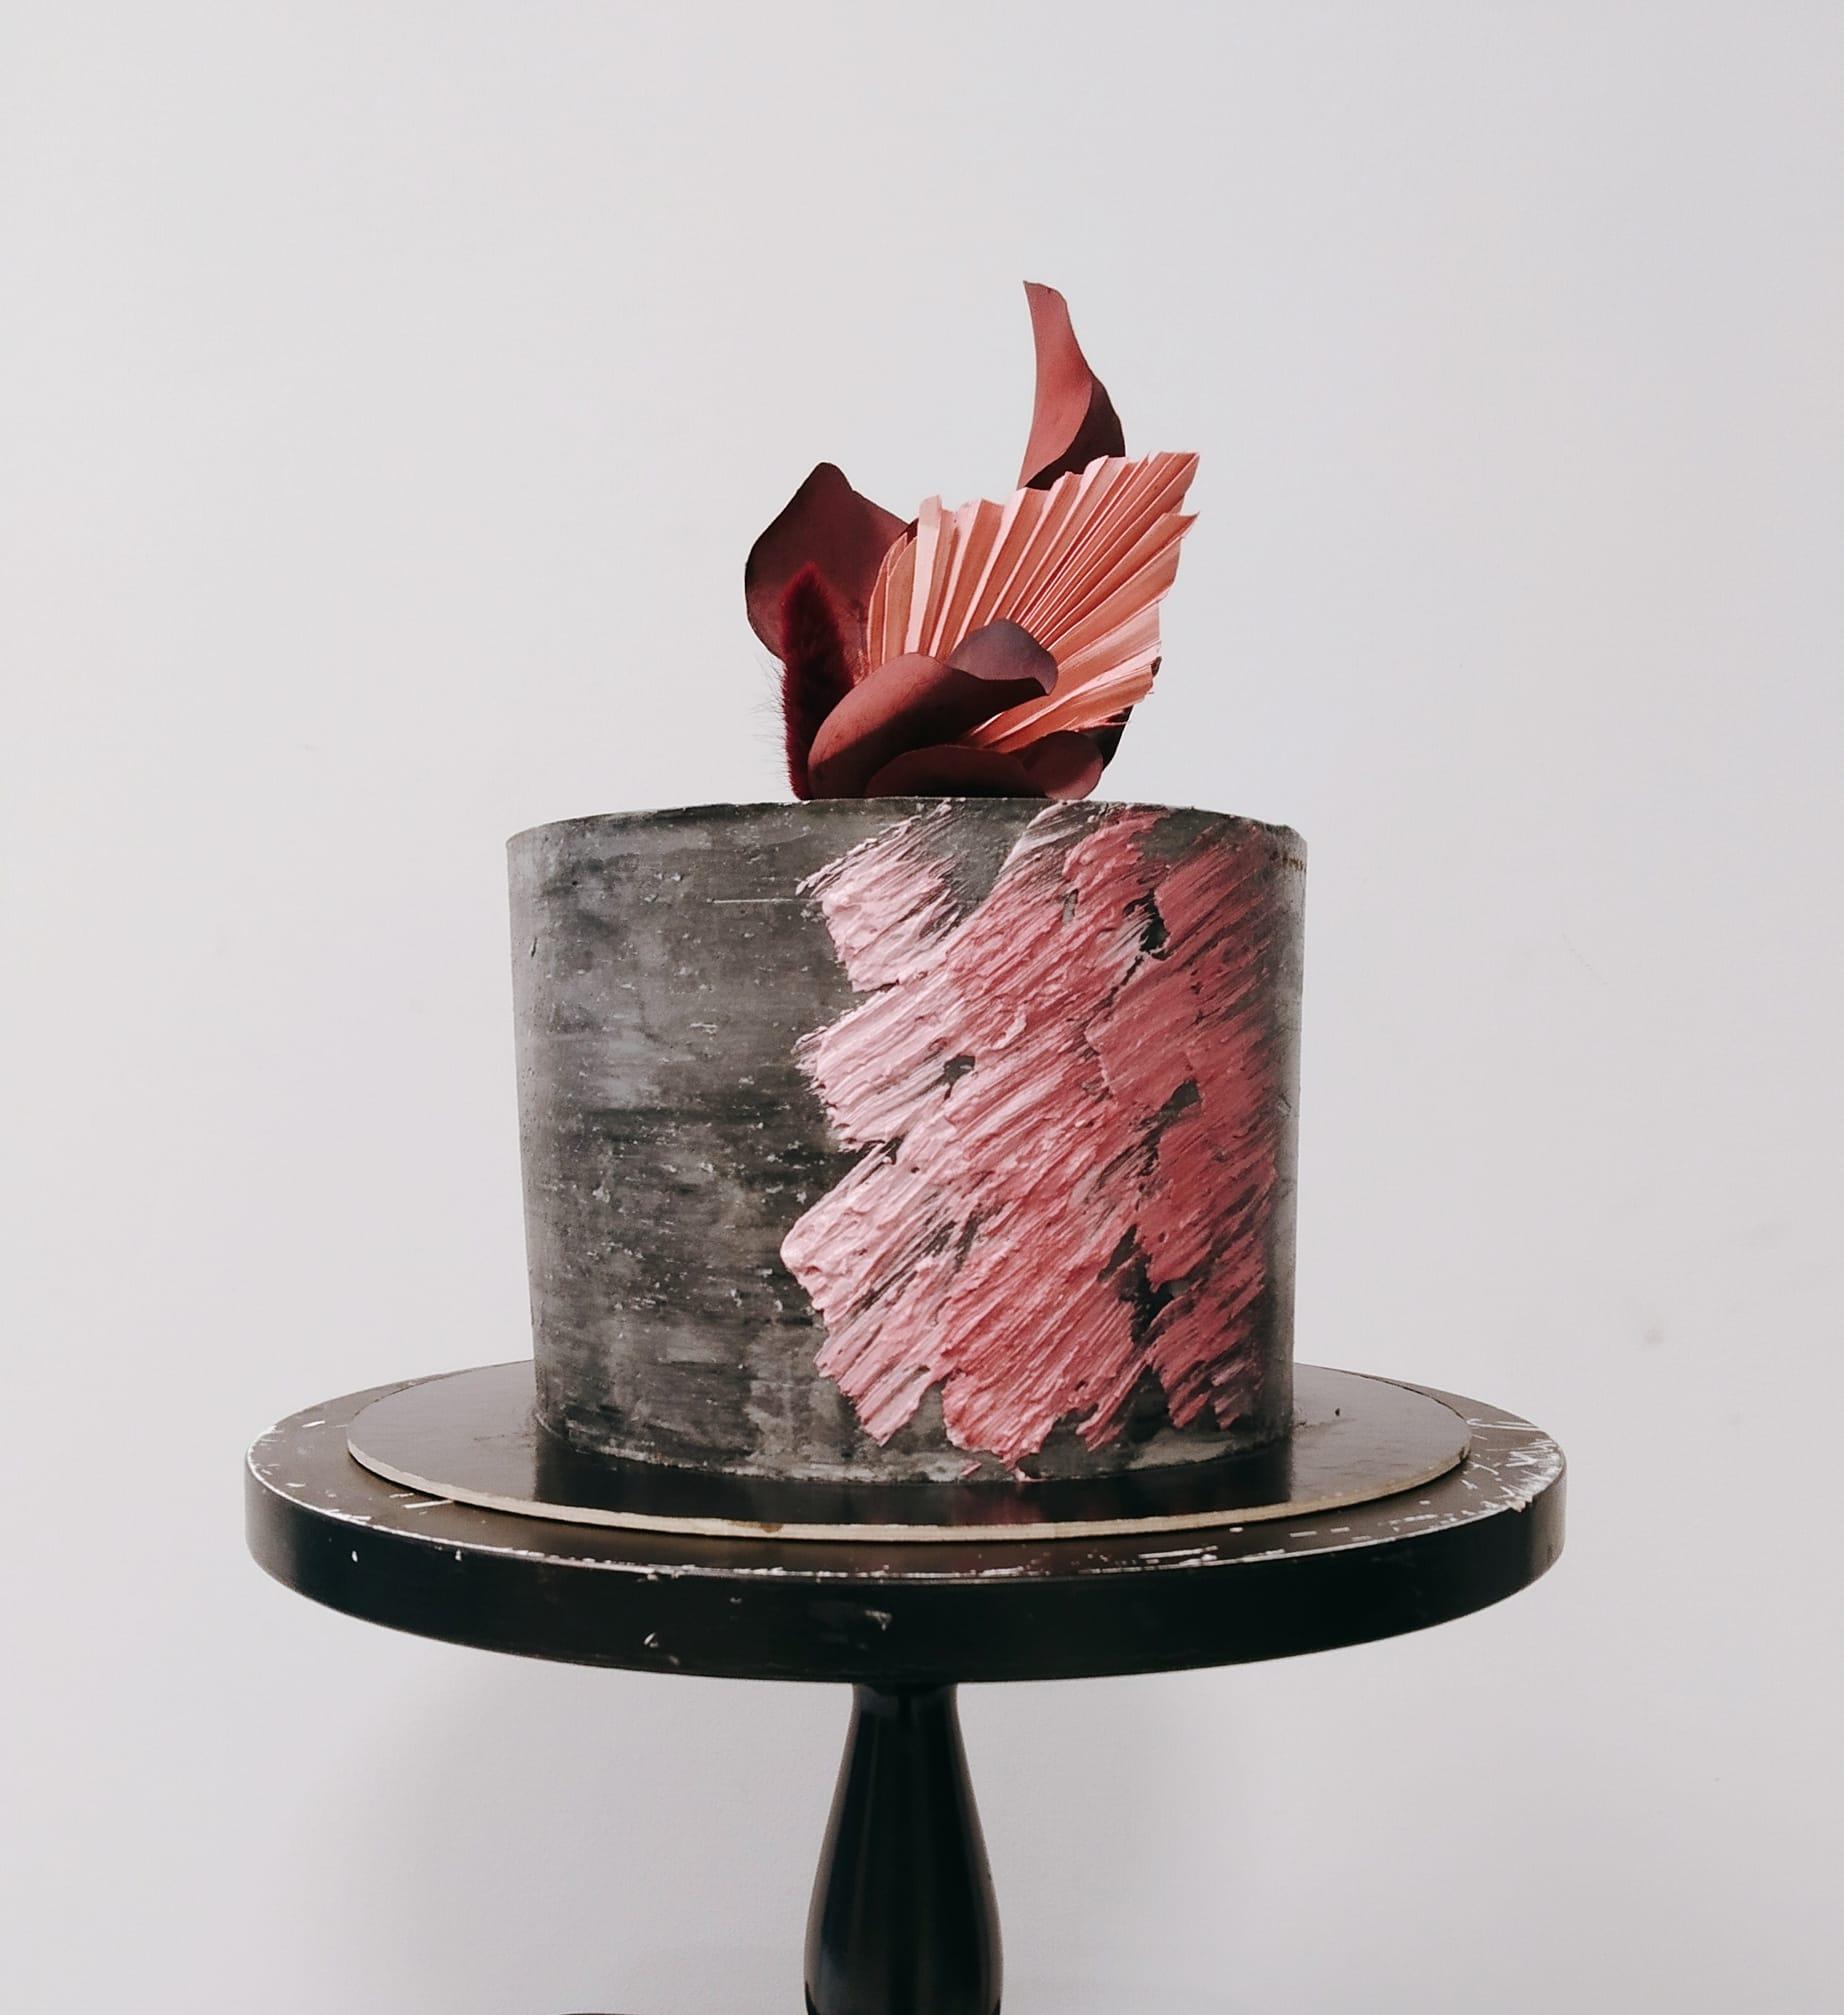 2. kép: Betonszürke torta rózsaszín dekorációval